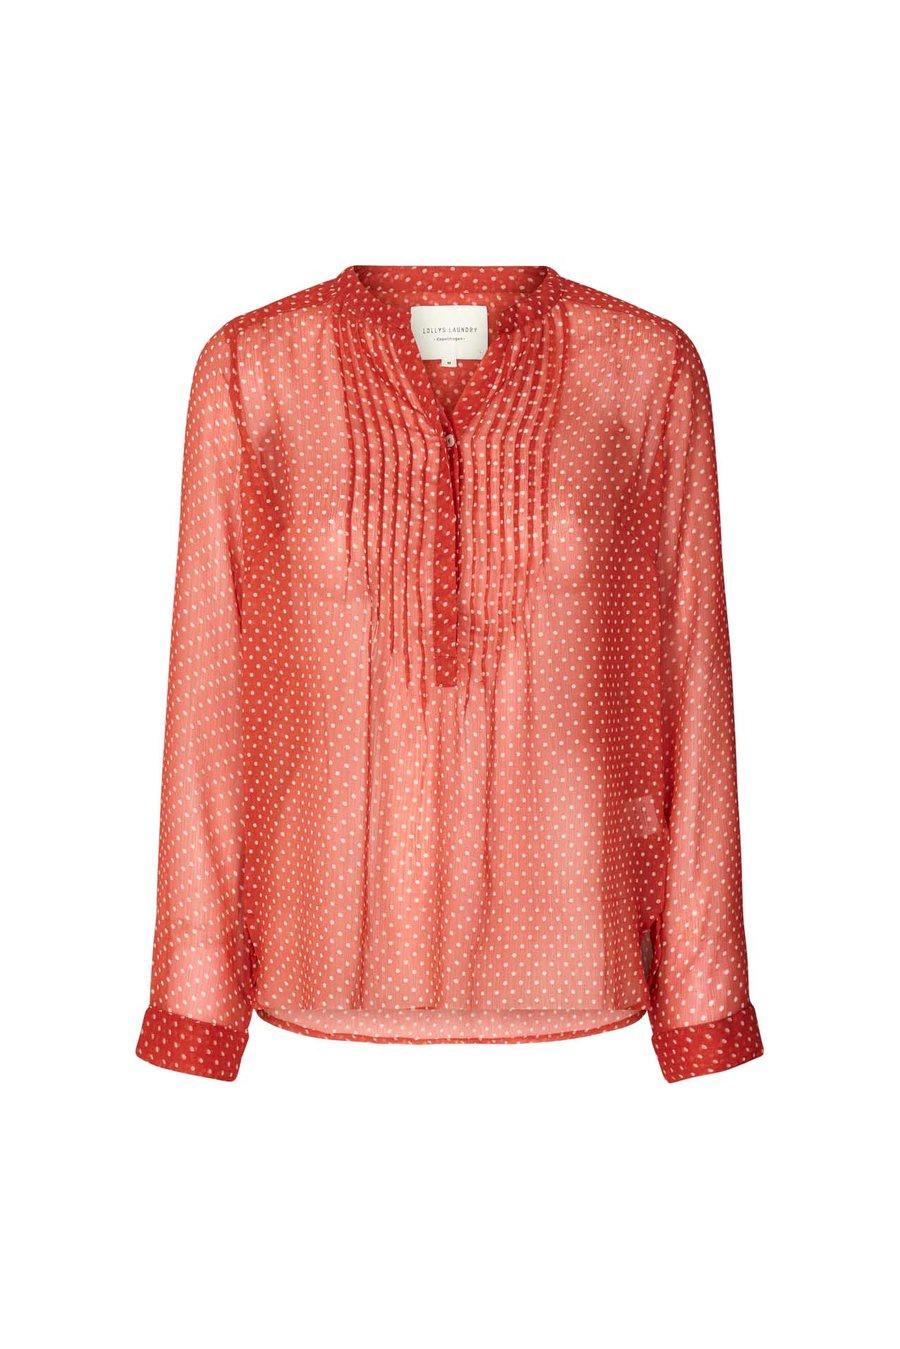 Red & White Spotty Chiffon Shirt